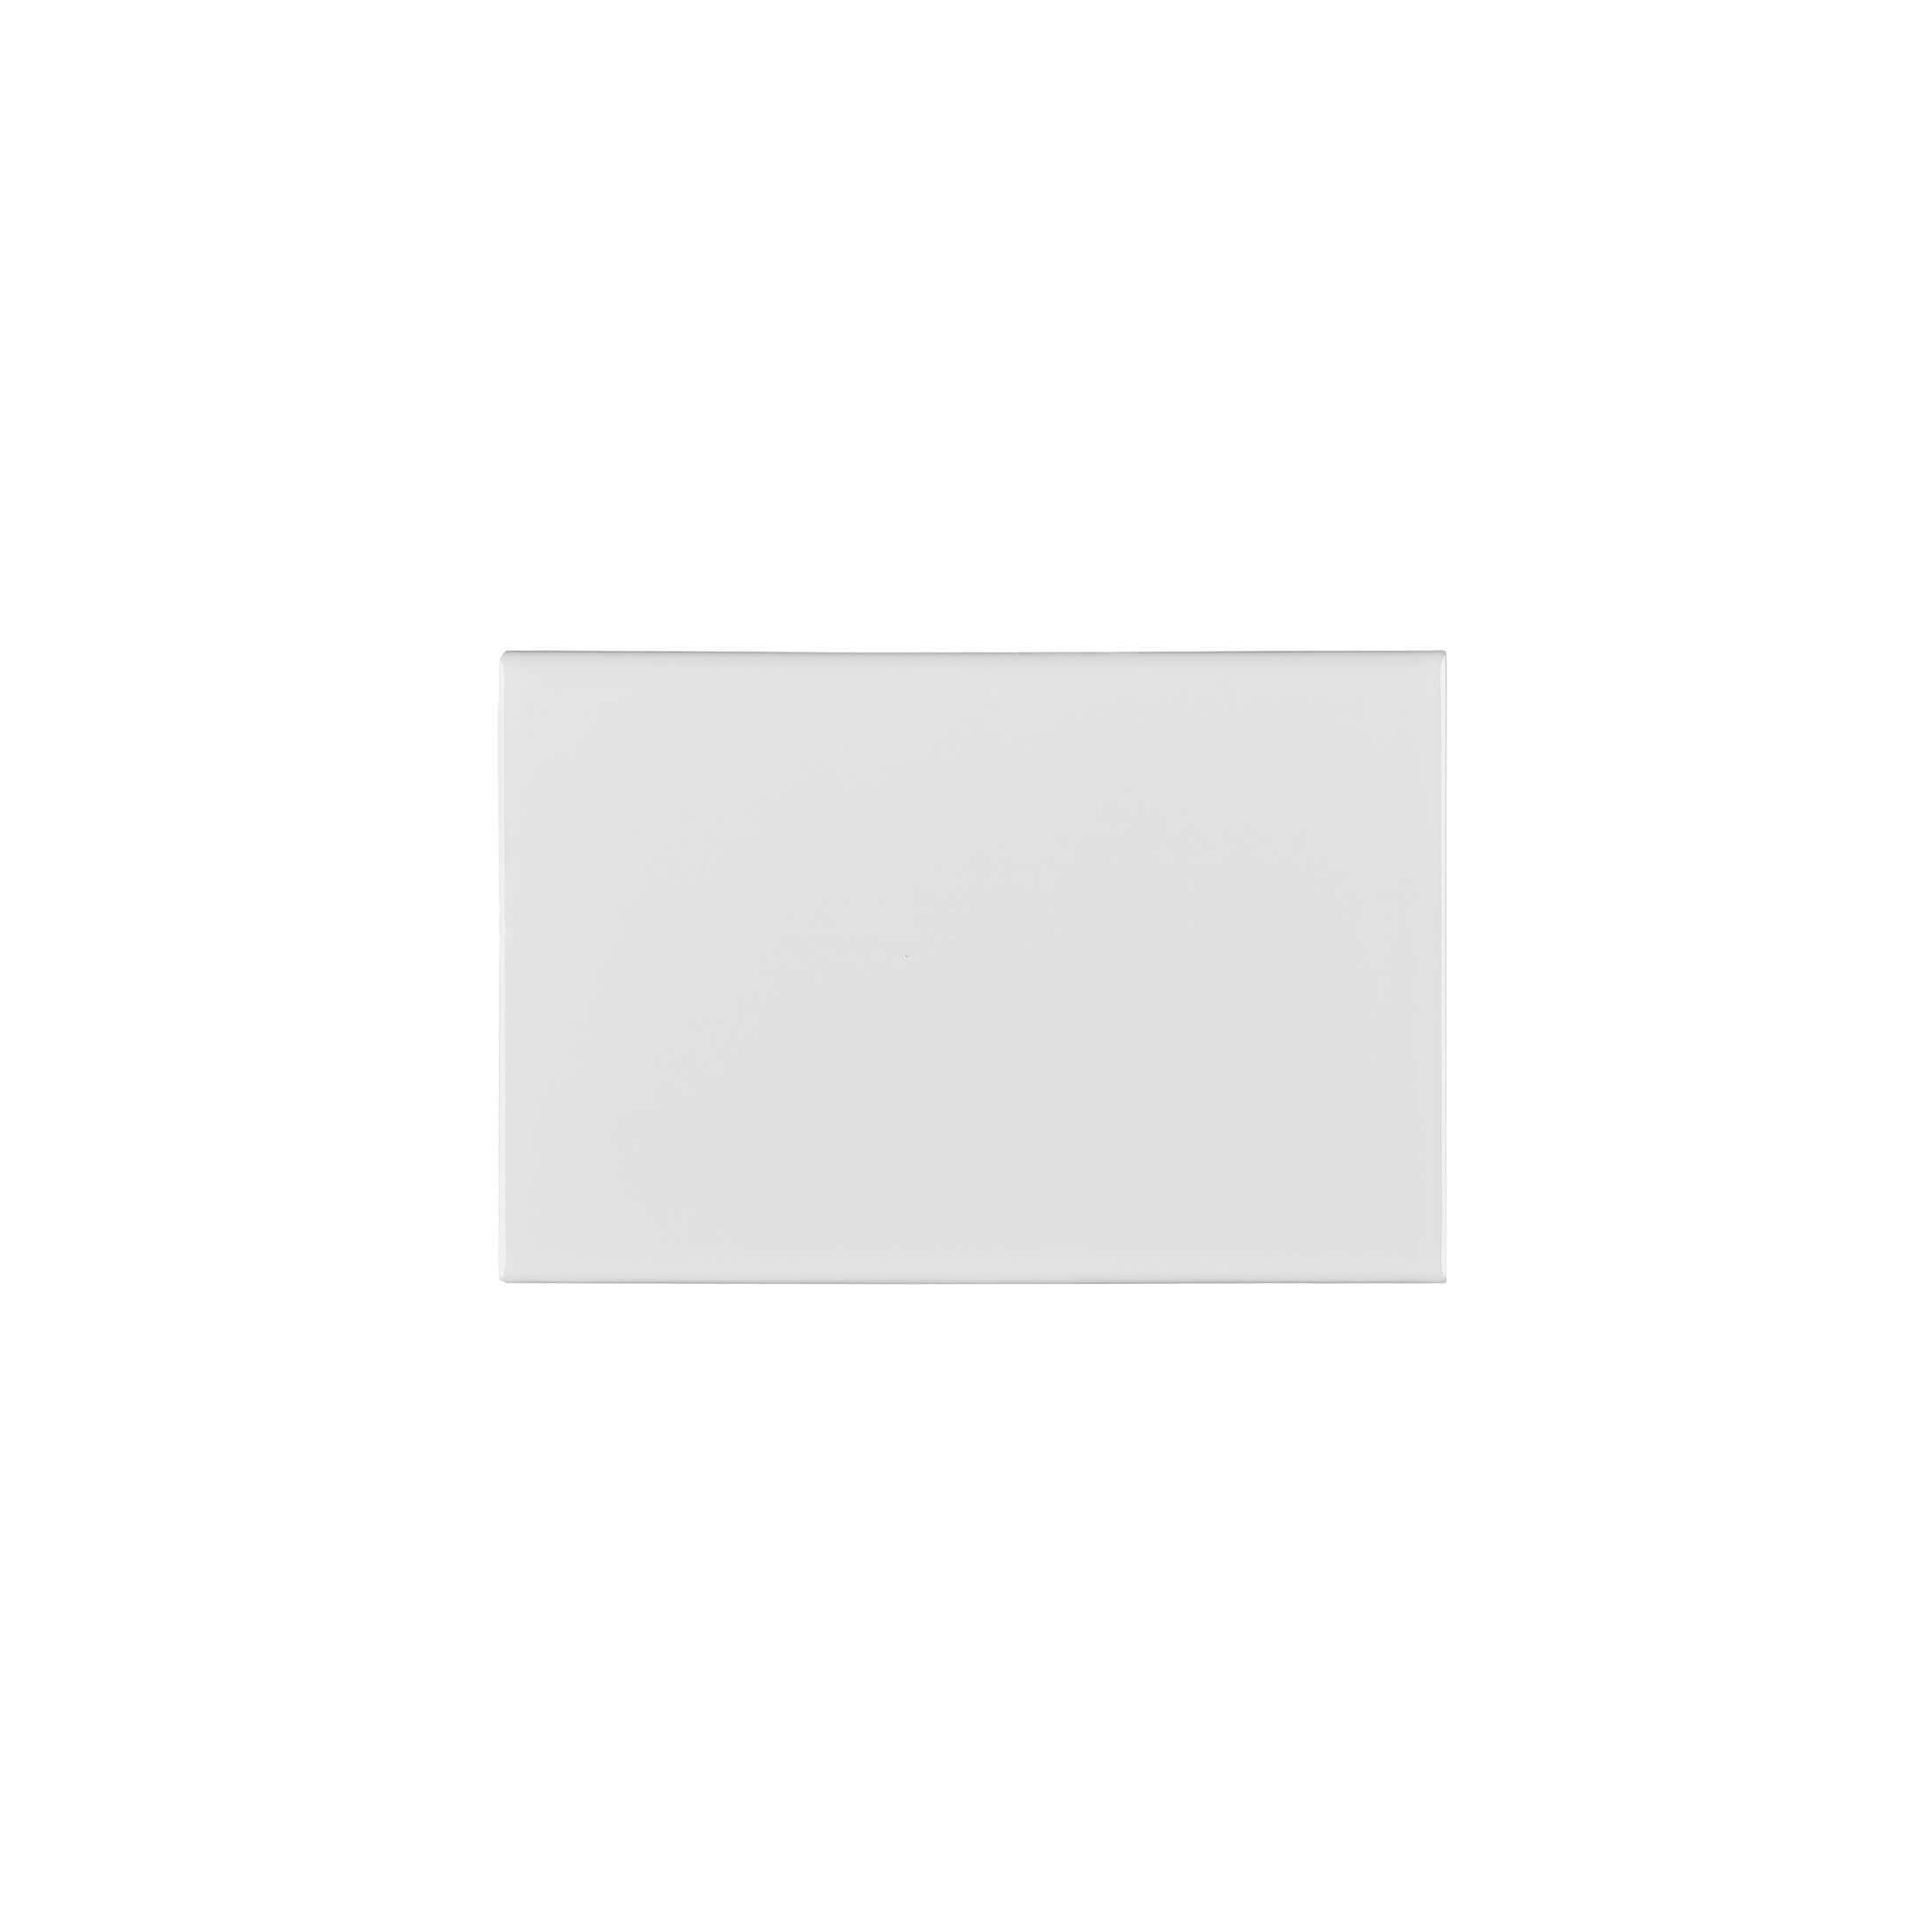 ADRI1024 - 10 cm X 15cm